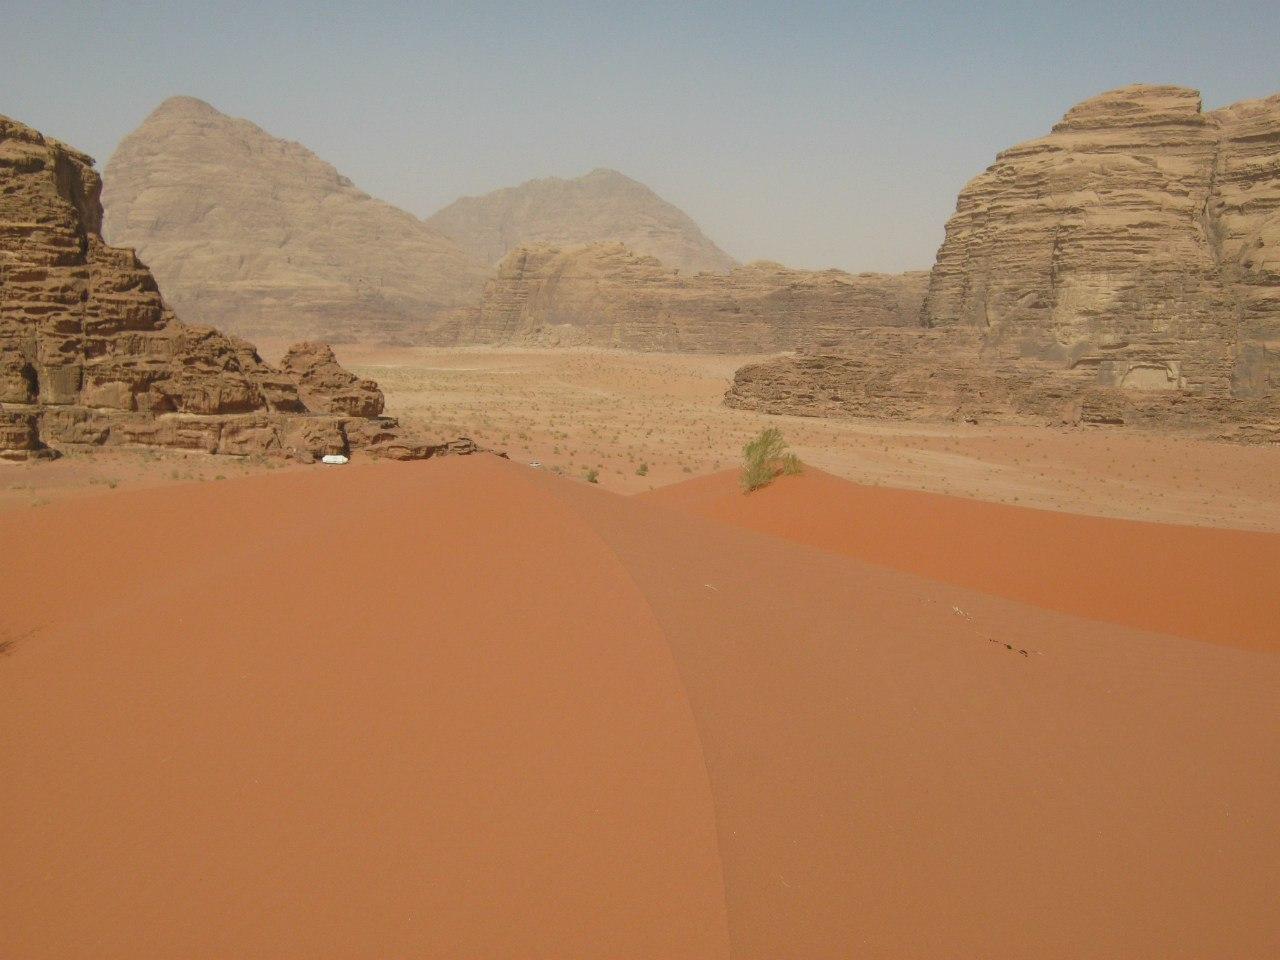 кемпинг и дюна в Вади Рам